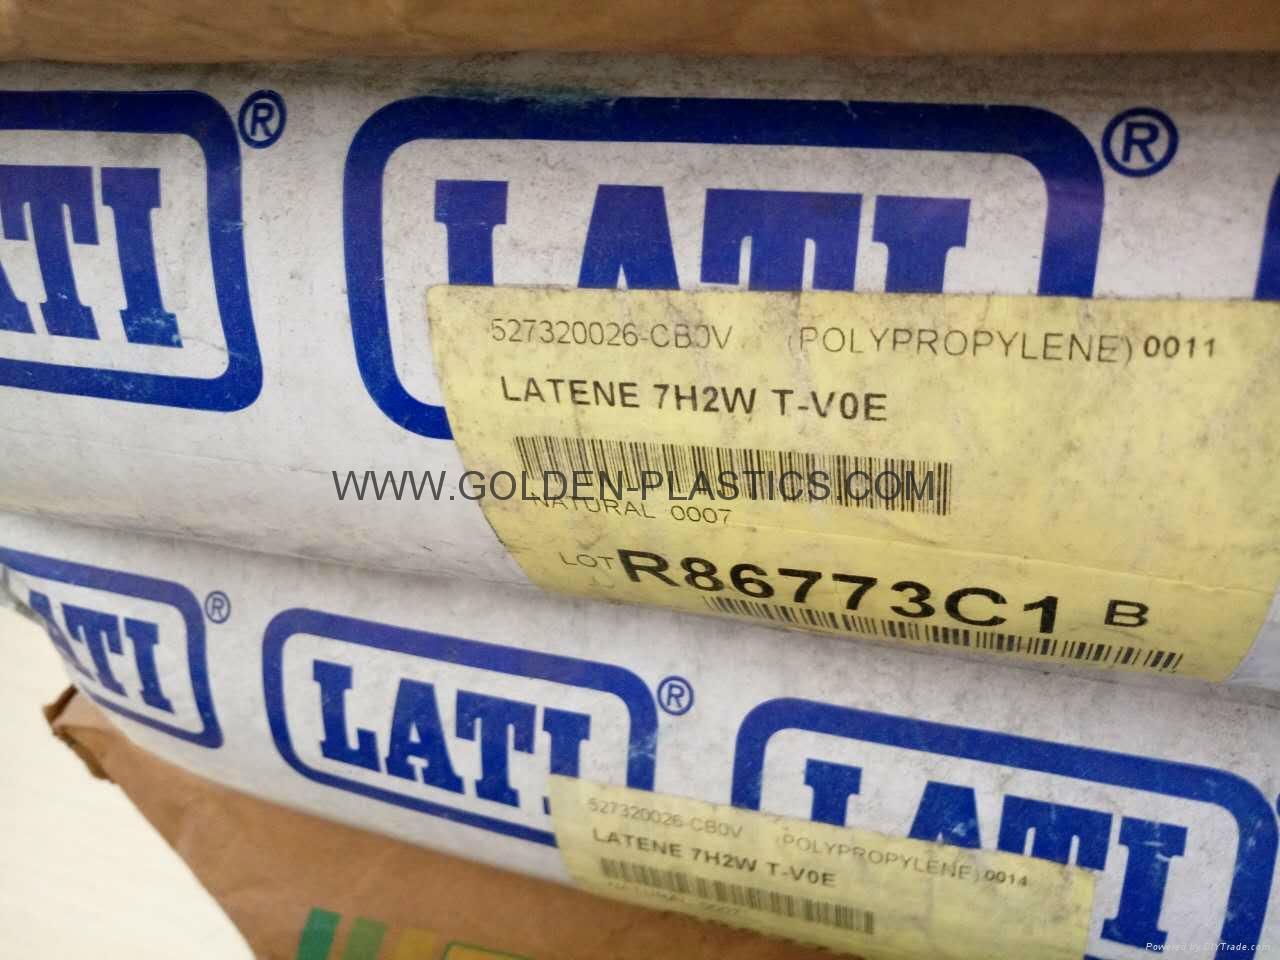 LATENE 7H2W T-V0E NATURAL 0007 527320026-CBOV